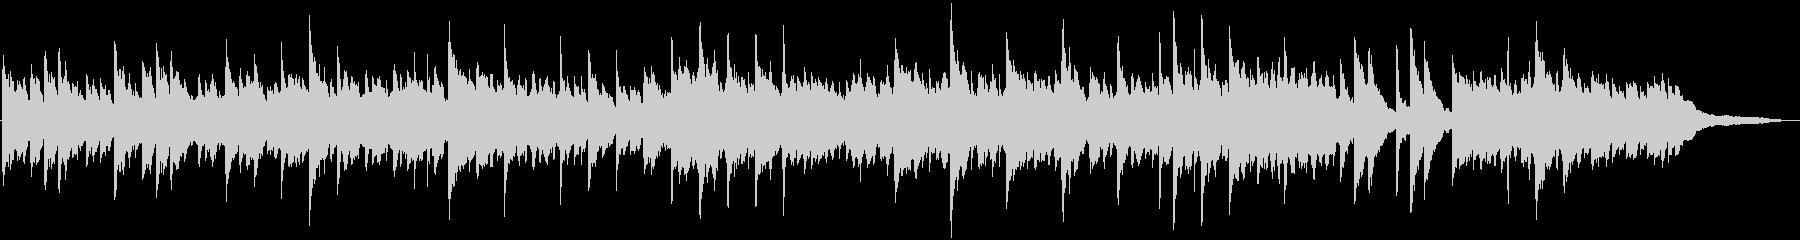 眠たくなるようなテンポのピアノ曲の未再生の波形